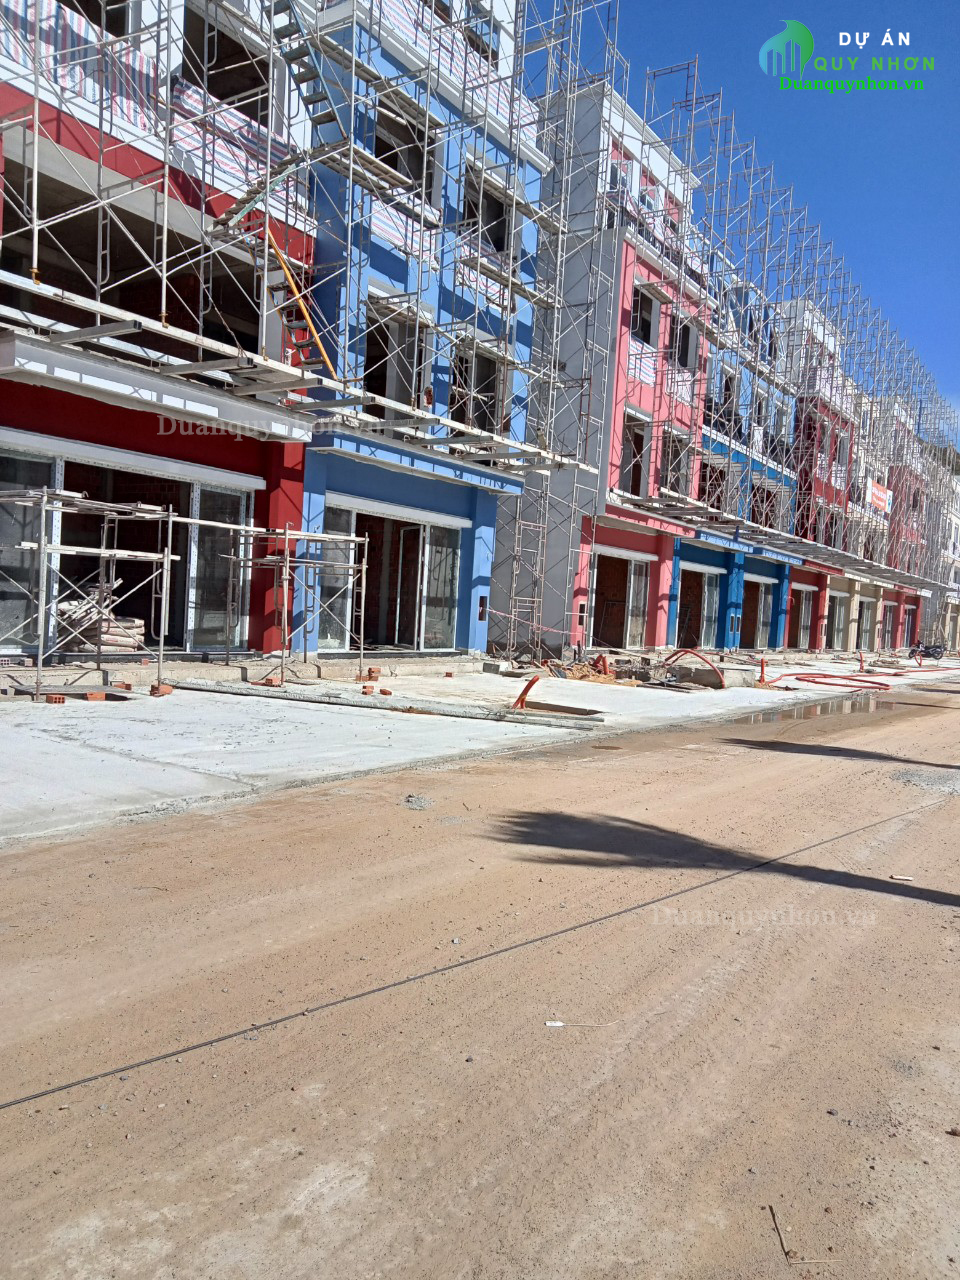 Khu Shophouse dự án Merry Land Quy Nhơn dần hoàn thiện